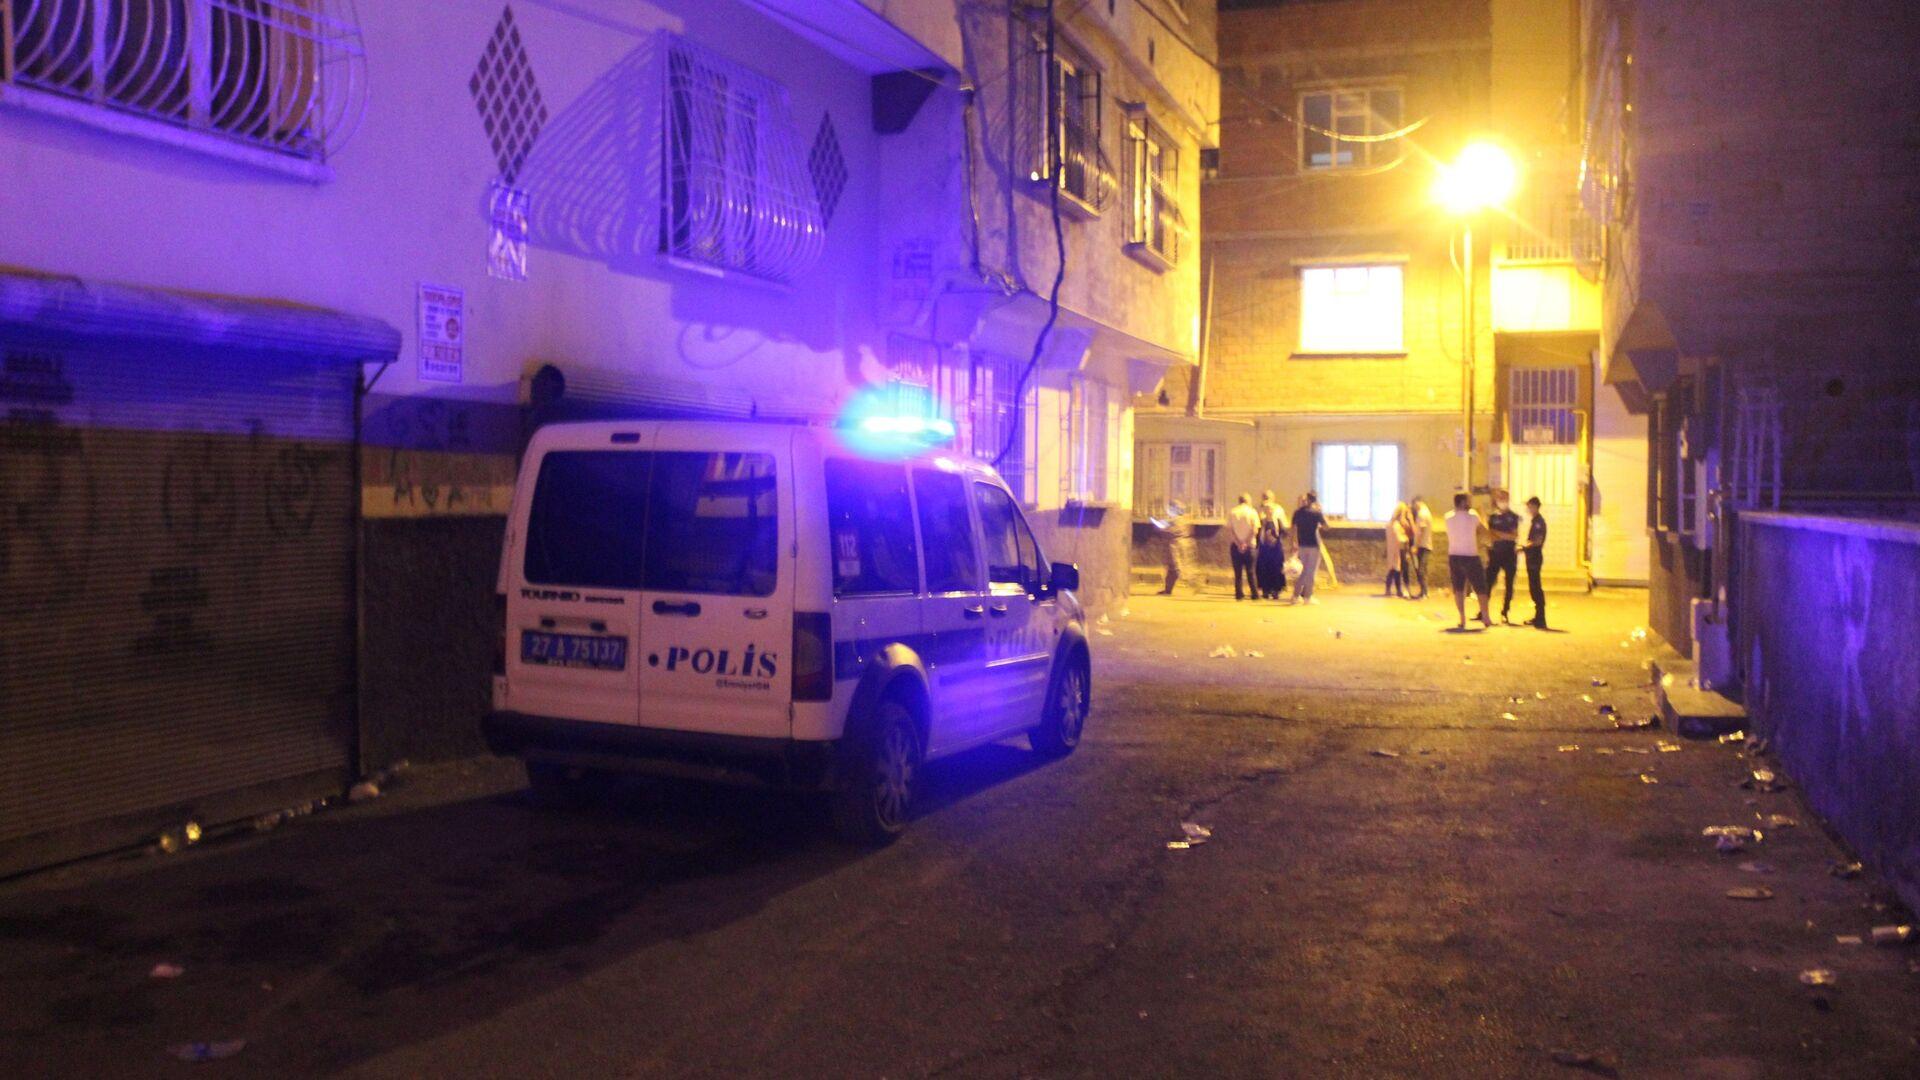 Gaziantep'te yaşayan bir çocuk annesi kadın evde eşi bulunduğu esnada kafasına silahla ateş ederek canına kıydı. Kadının ailesi olay yerine gelerek damatlarına saldırdı. Polis ekipleri saldıran aile yakınlarını biber gazı kullanarak durdurabildi. - Sputnik Türkiye, 1920, 28.07.2021